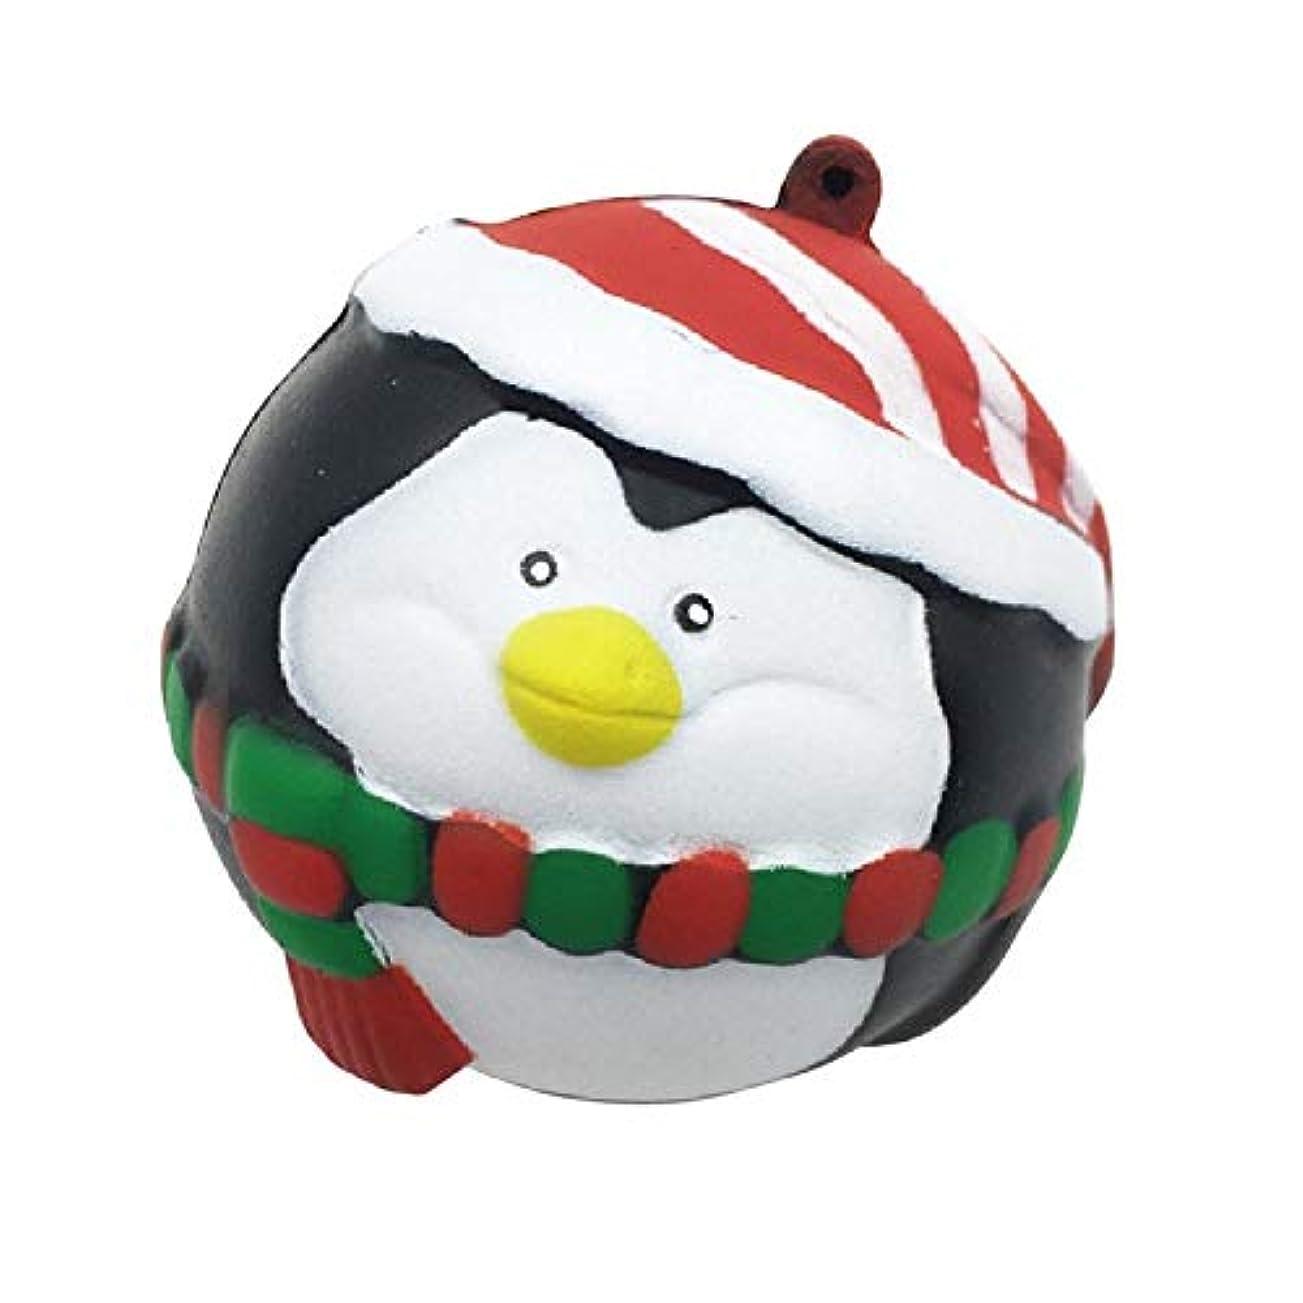 準備するステーキ宙返り面白いギフト Squishiesは、サンタ雪だるまペンギンの装飾ペンダントフワフワ、クリーミーアロマはスロー少年 用のスクイズおもちゃライジング